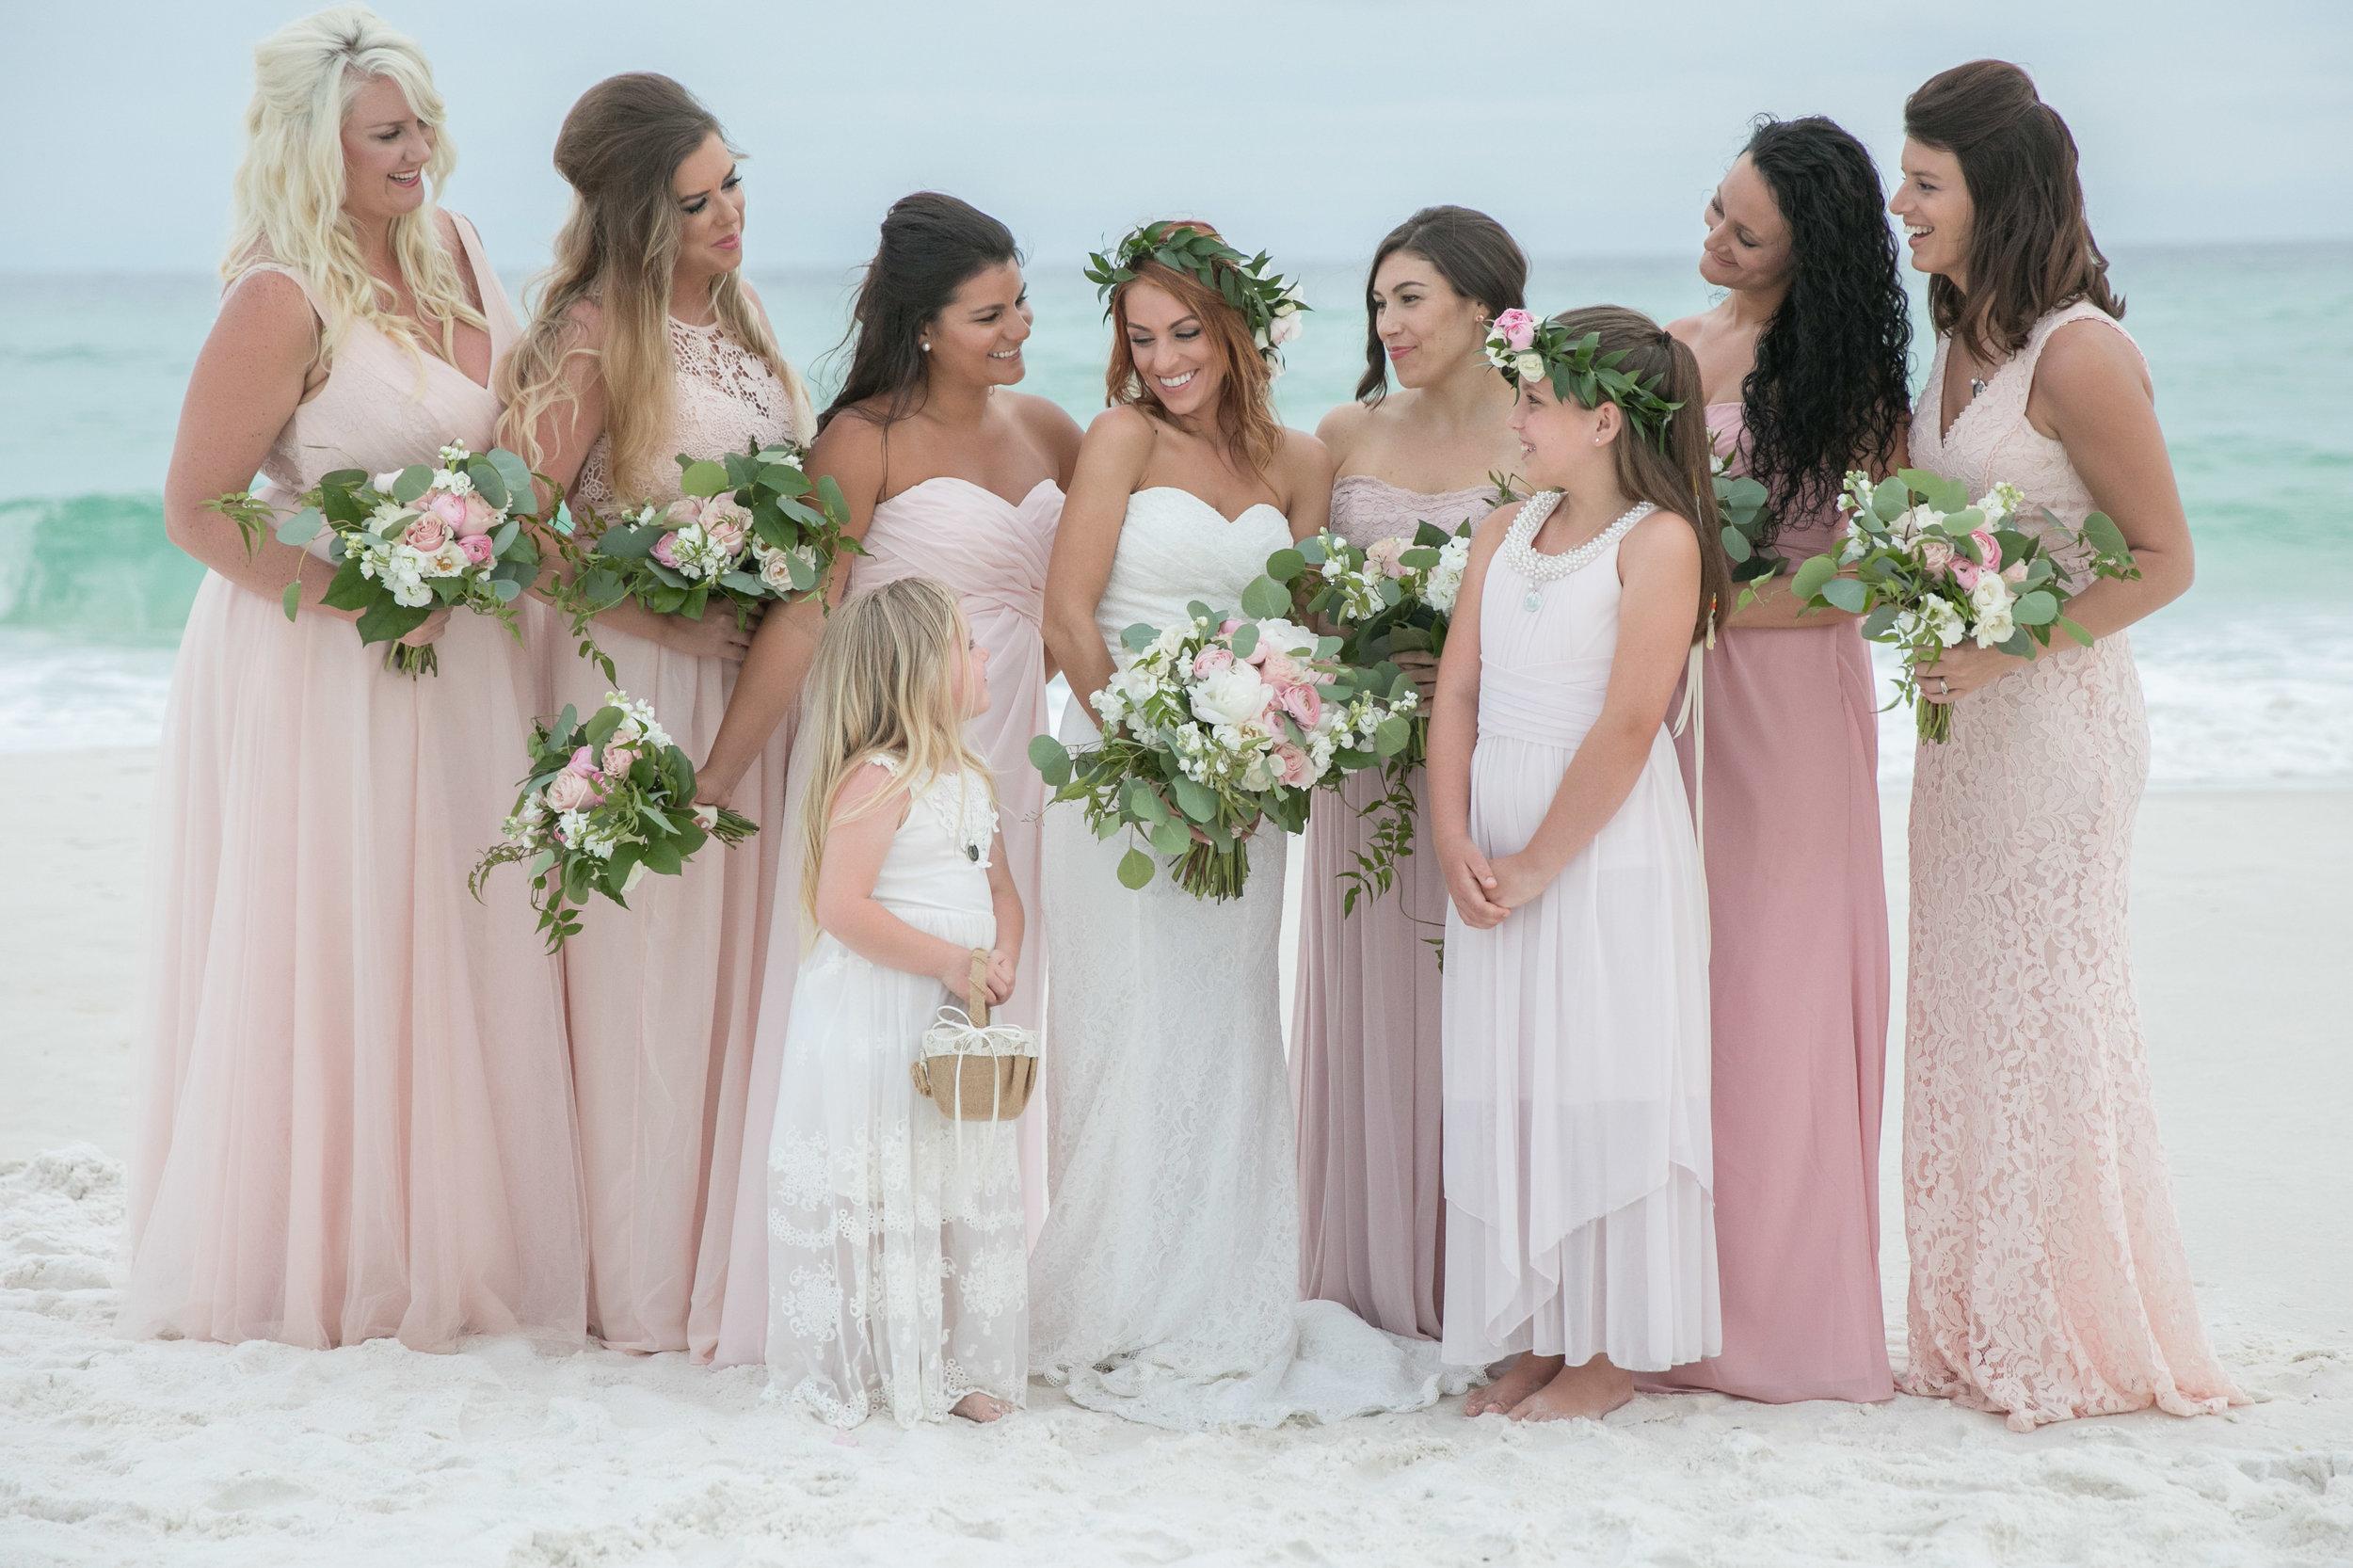 destin beach wedding package picture34_ (5).jpg